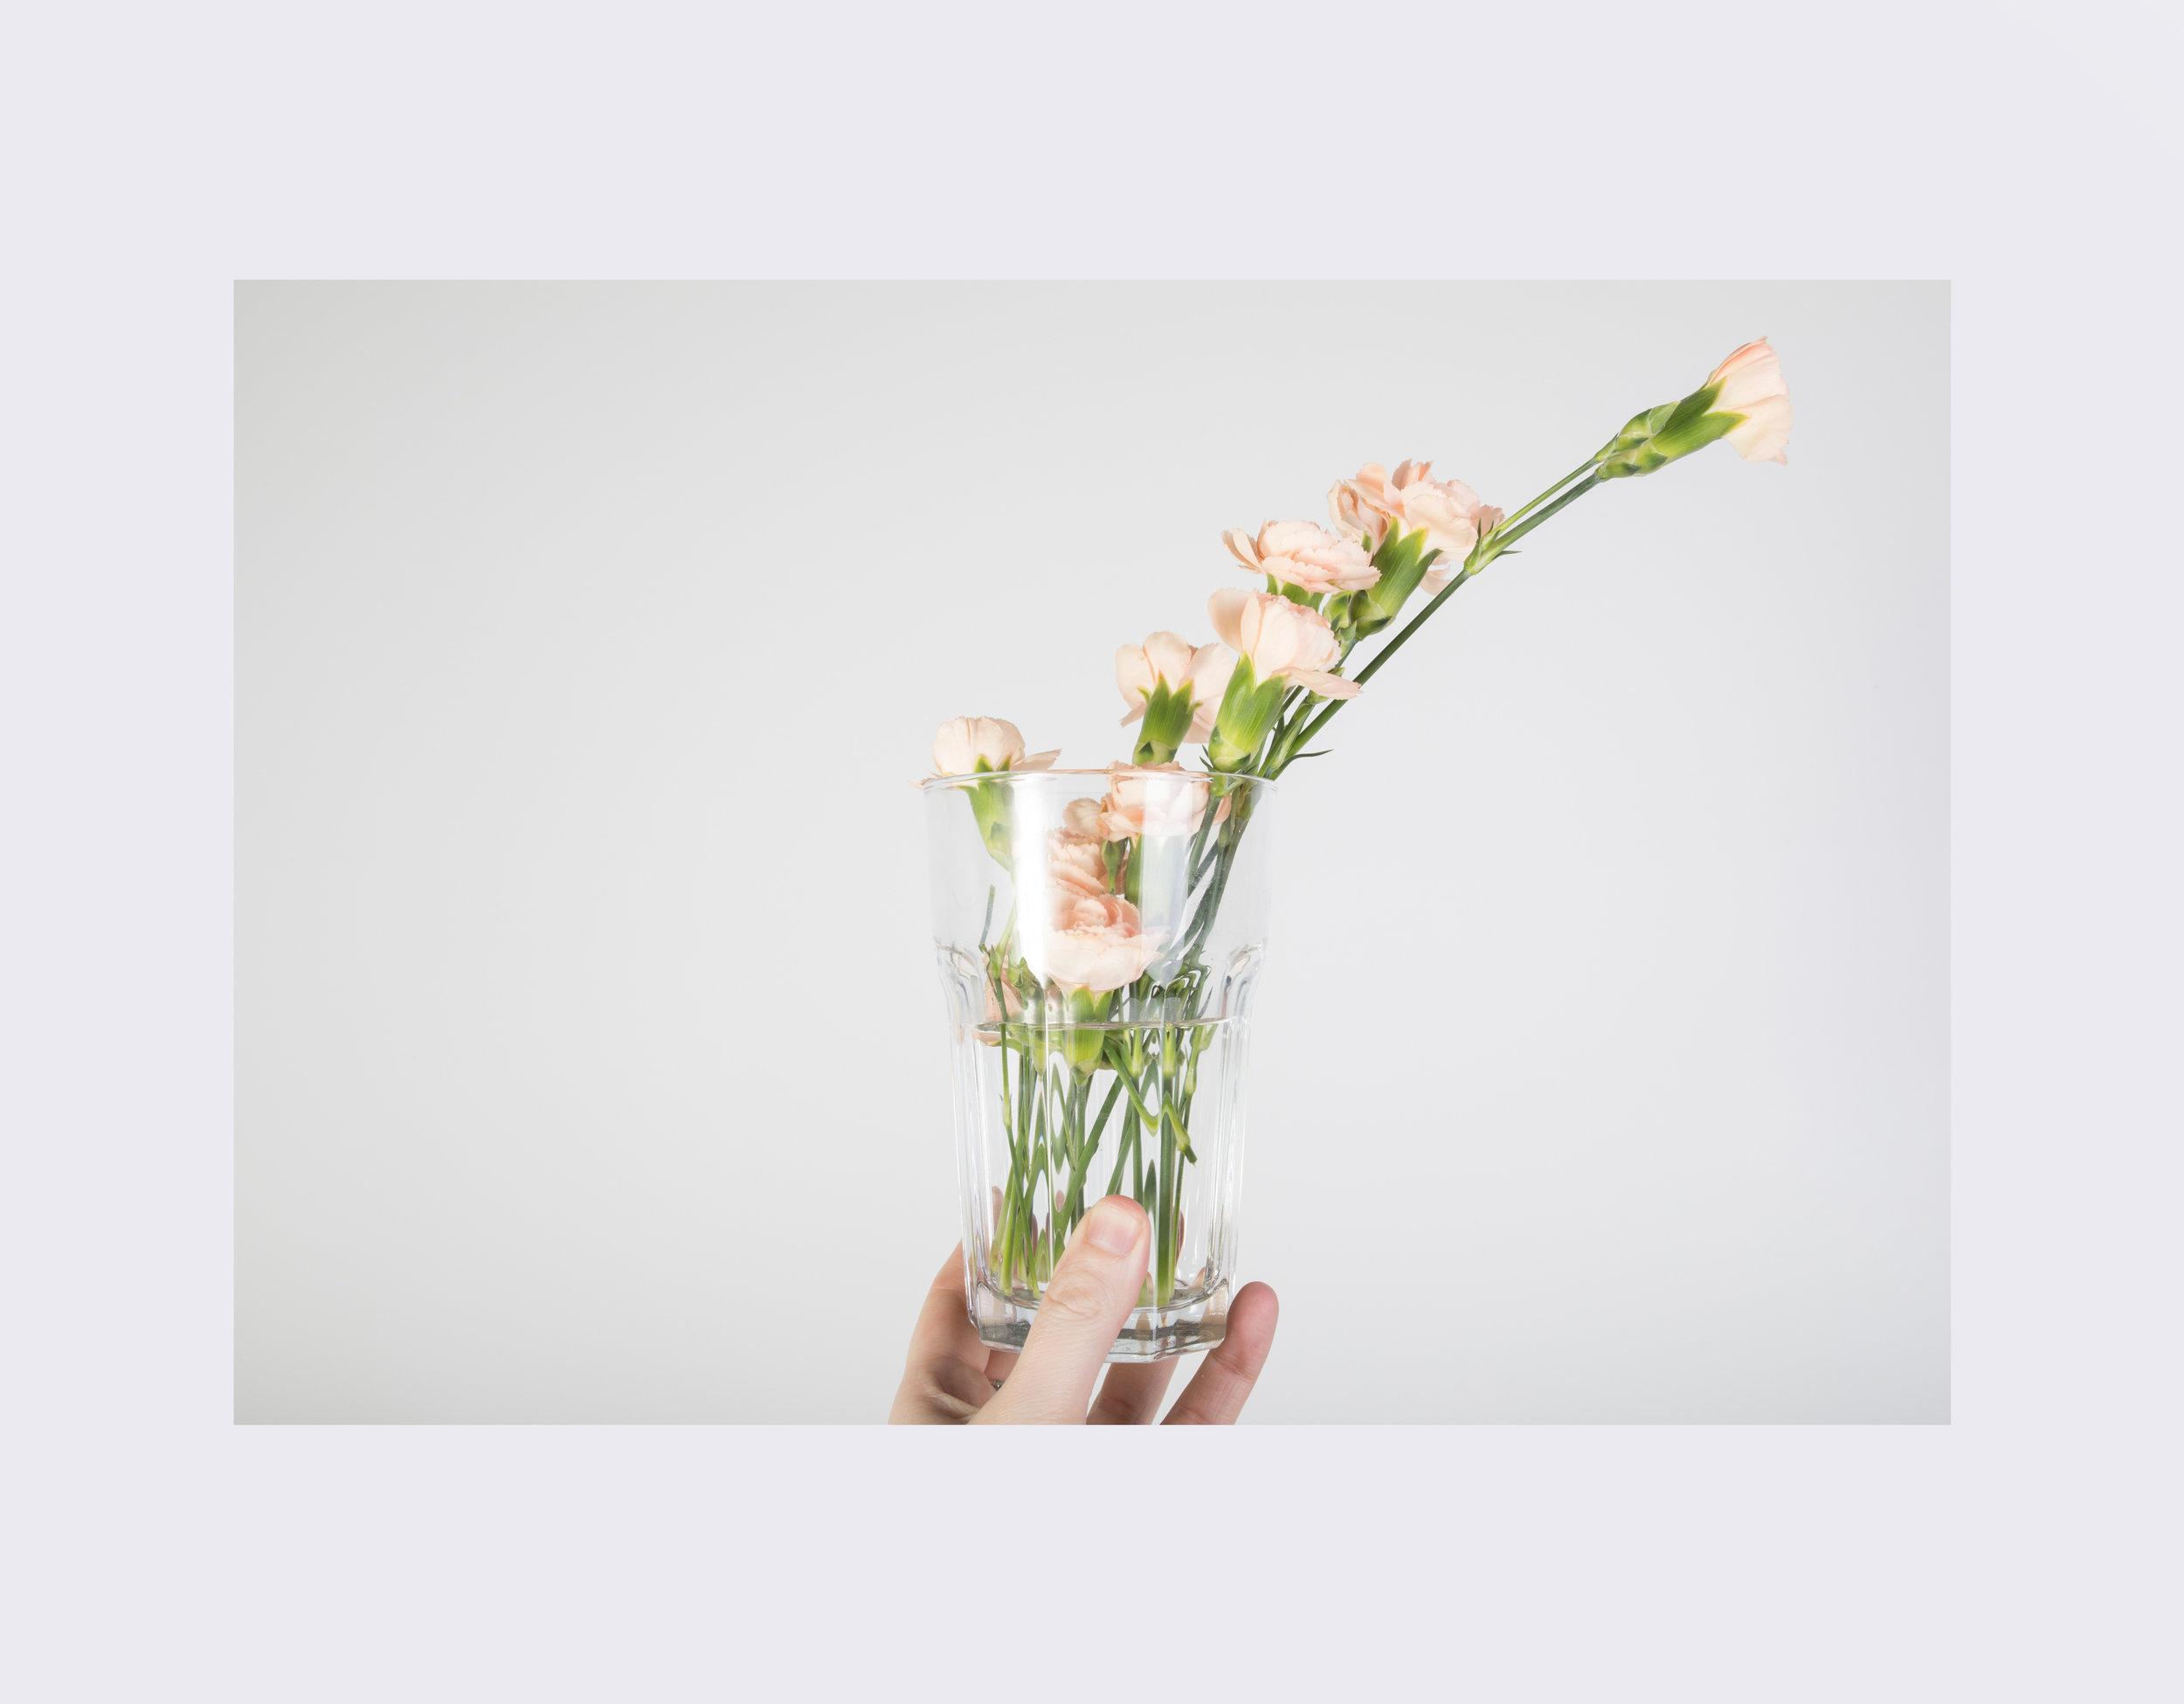 flowers4u_yawn.jpg